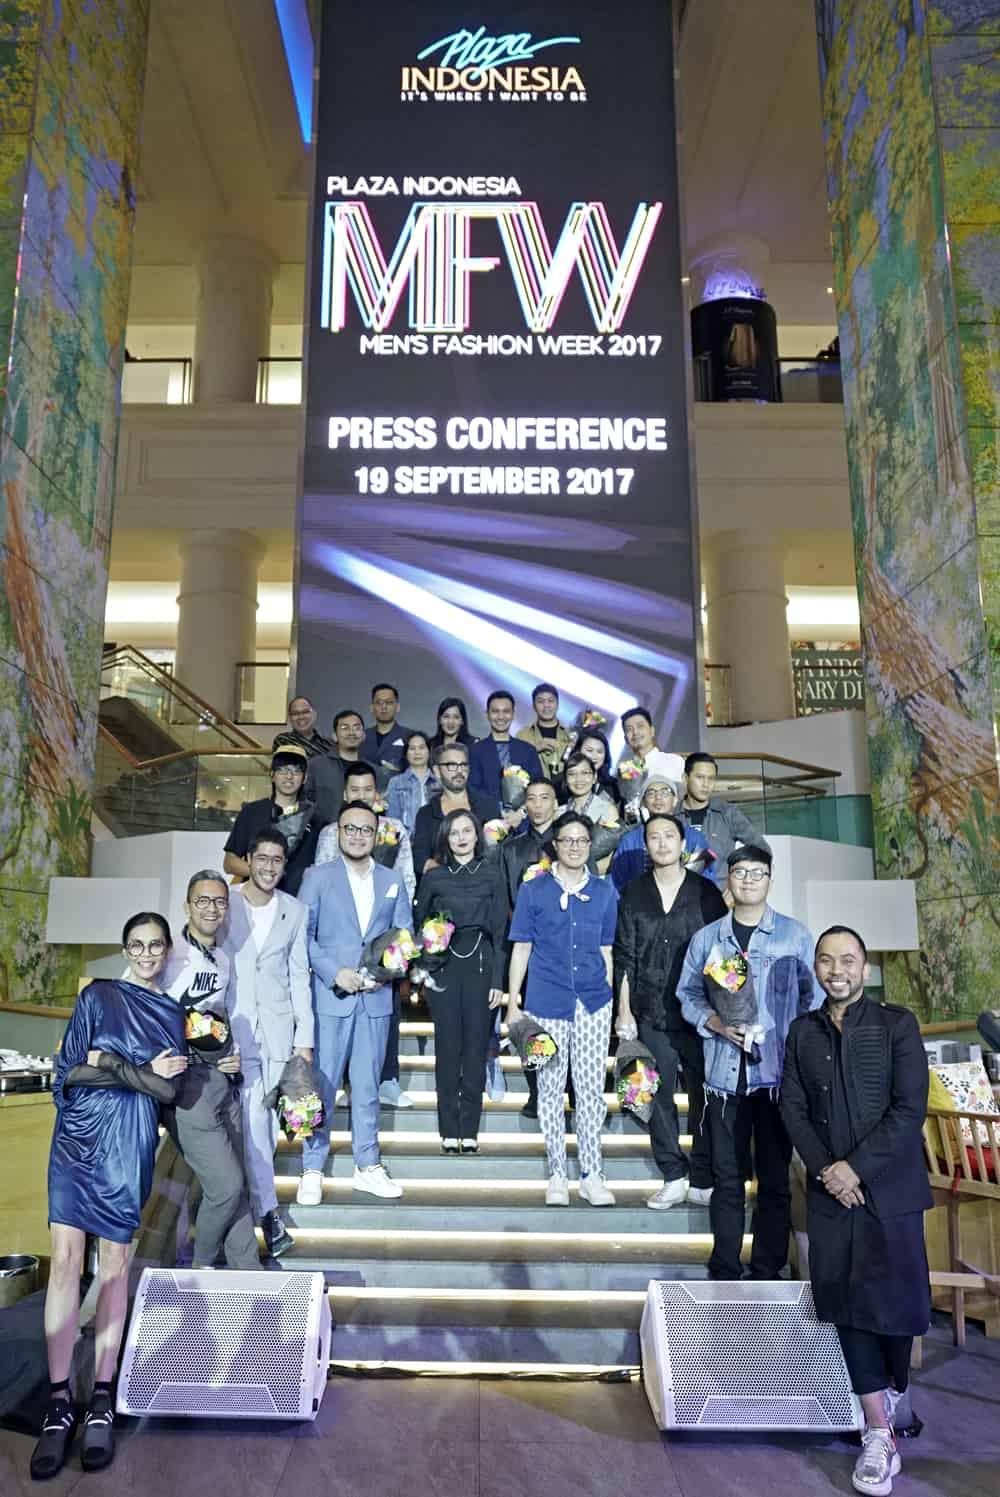 Plaza Indonesia Kembali Hadirkan Men's Fashion Week